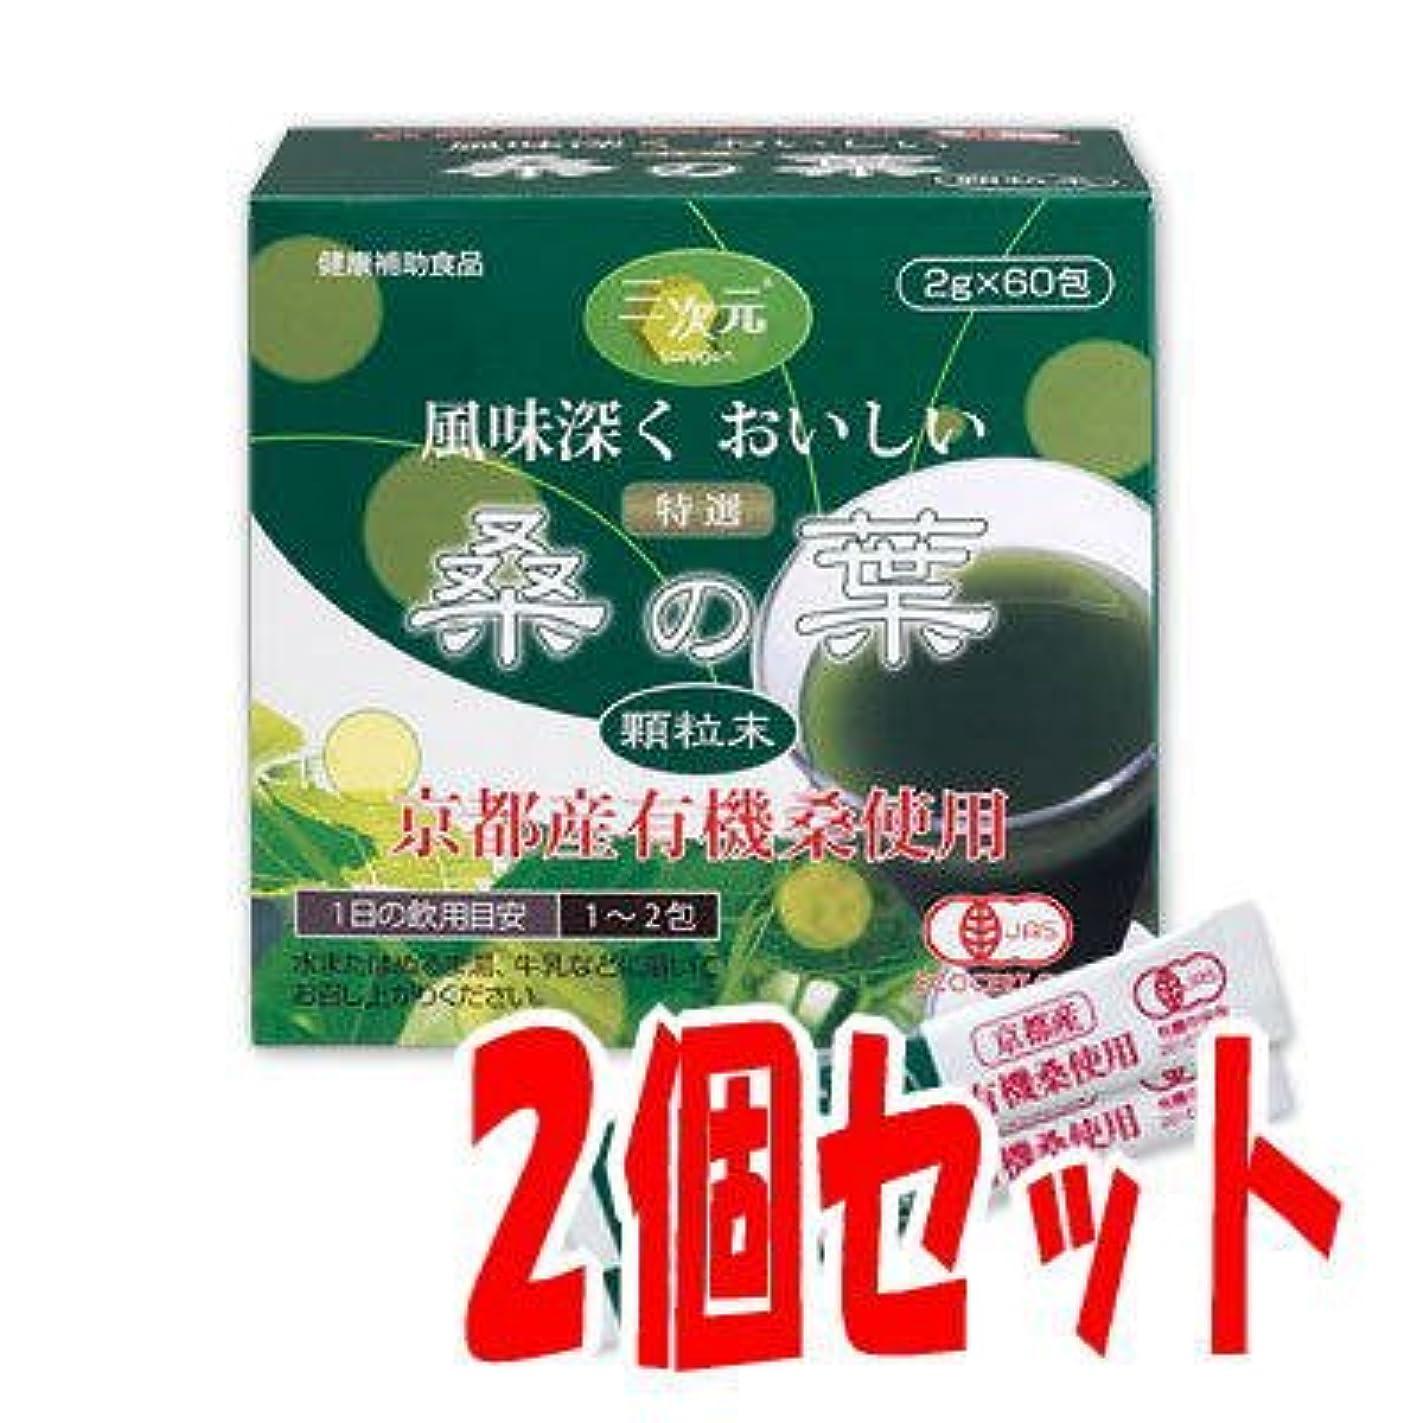 上院懐疑的個人特選「桑の葉」顆粒末1箱60包入×2箱セット 国産(京都産)有機桑使用 苦くなく風味深くおいしい青汁